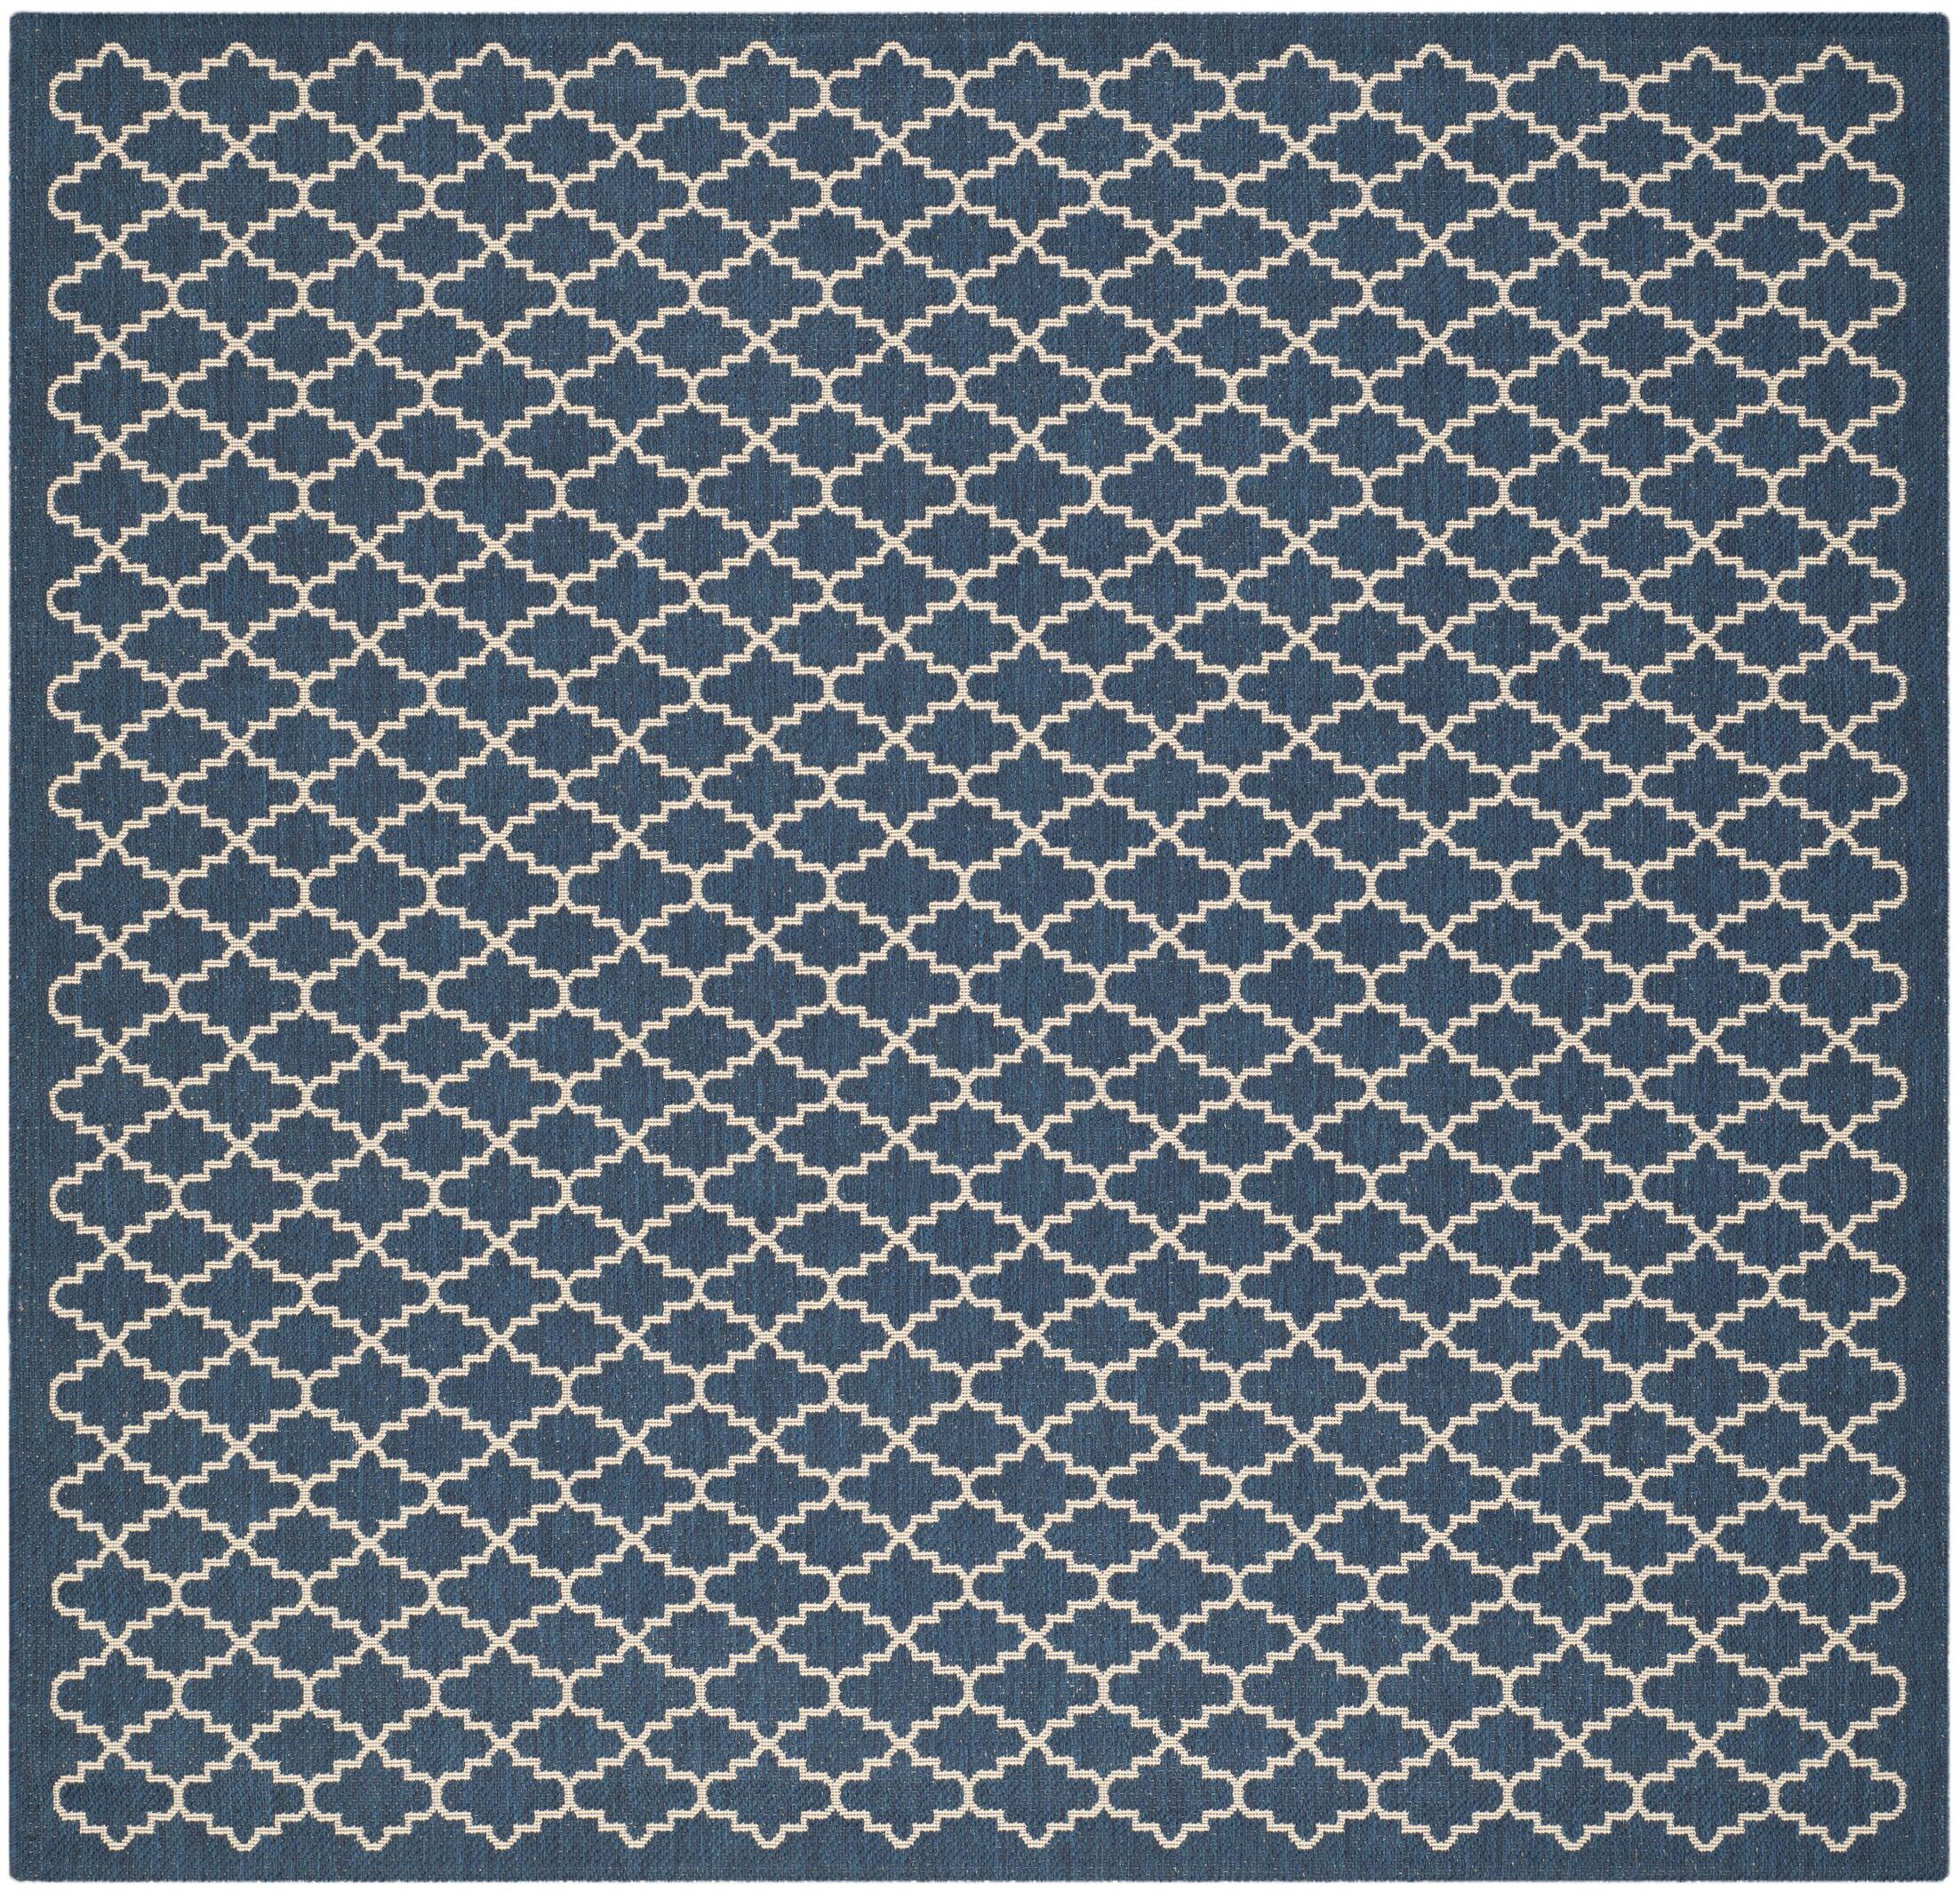 Louisville Navy/Beige Indoor/Outdoor Area Rug Rug Size: Square 4'